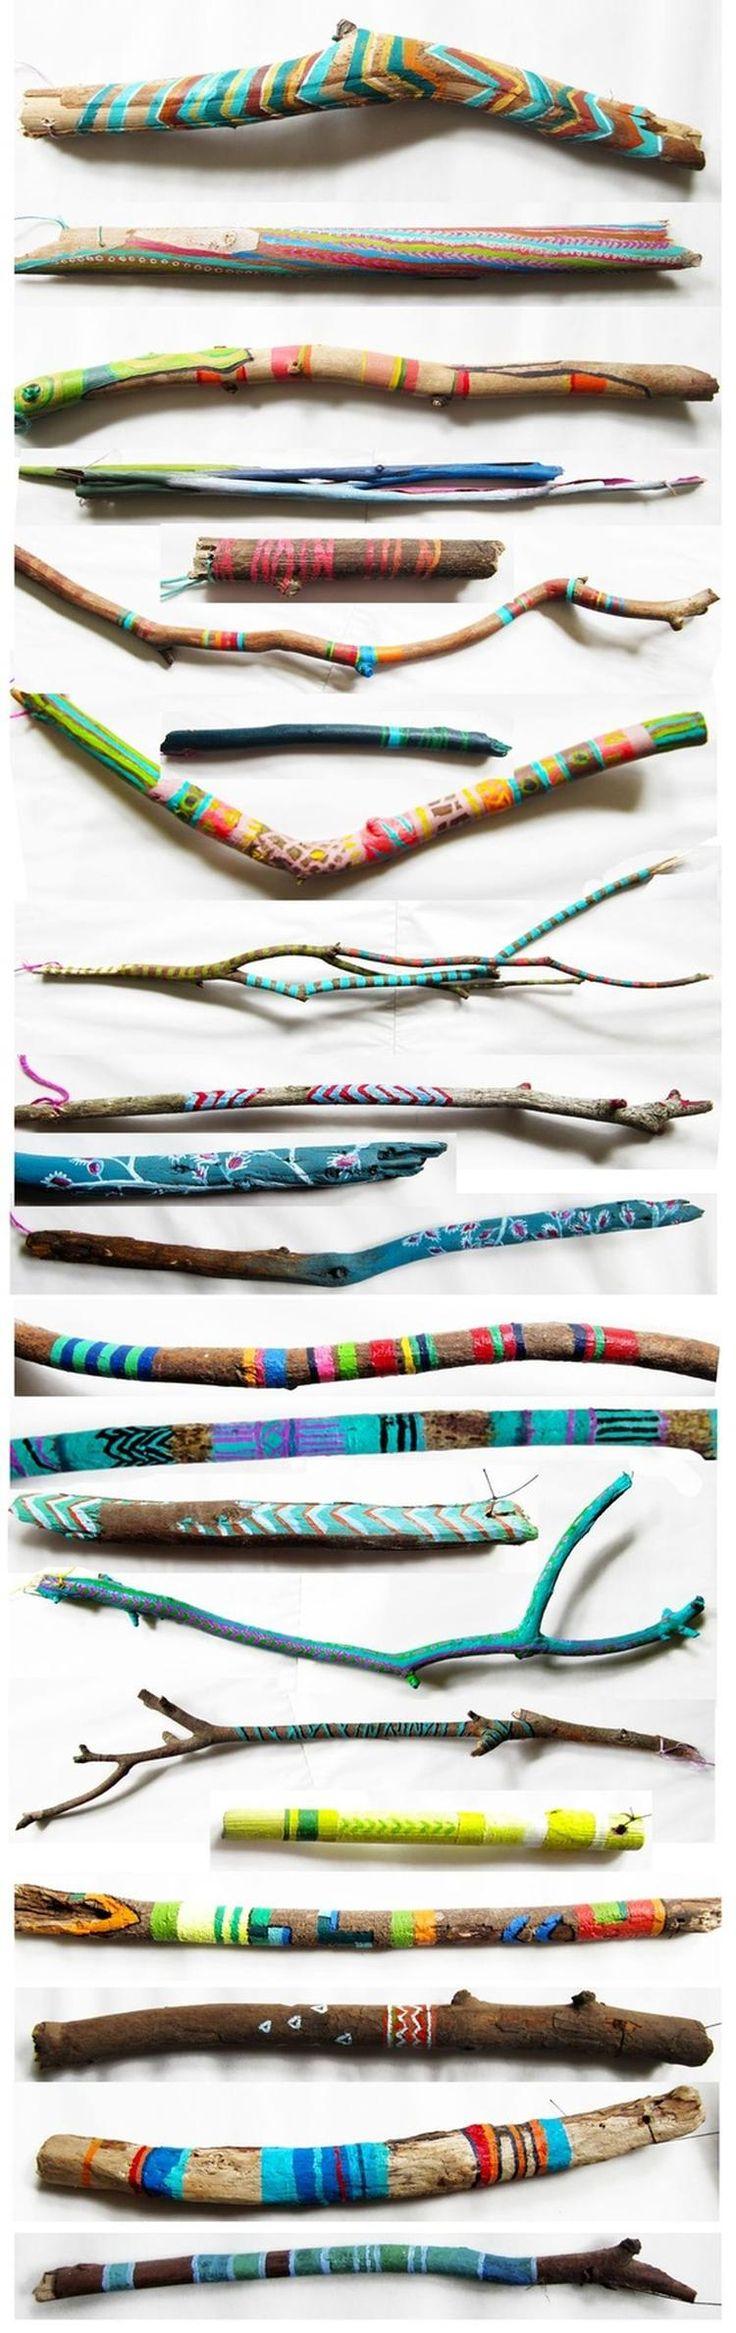 Foto: kleurrijk geverfde takjes. Geplaatst door Sarahvr op Welke.nl